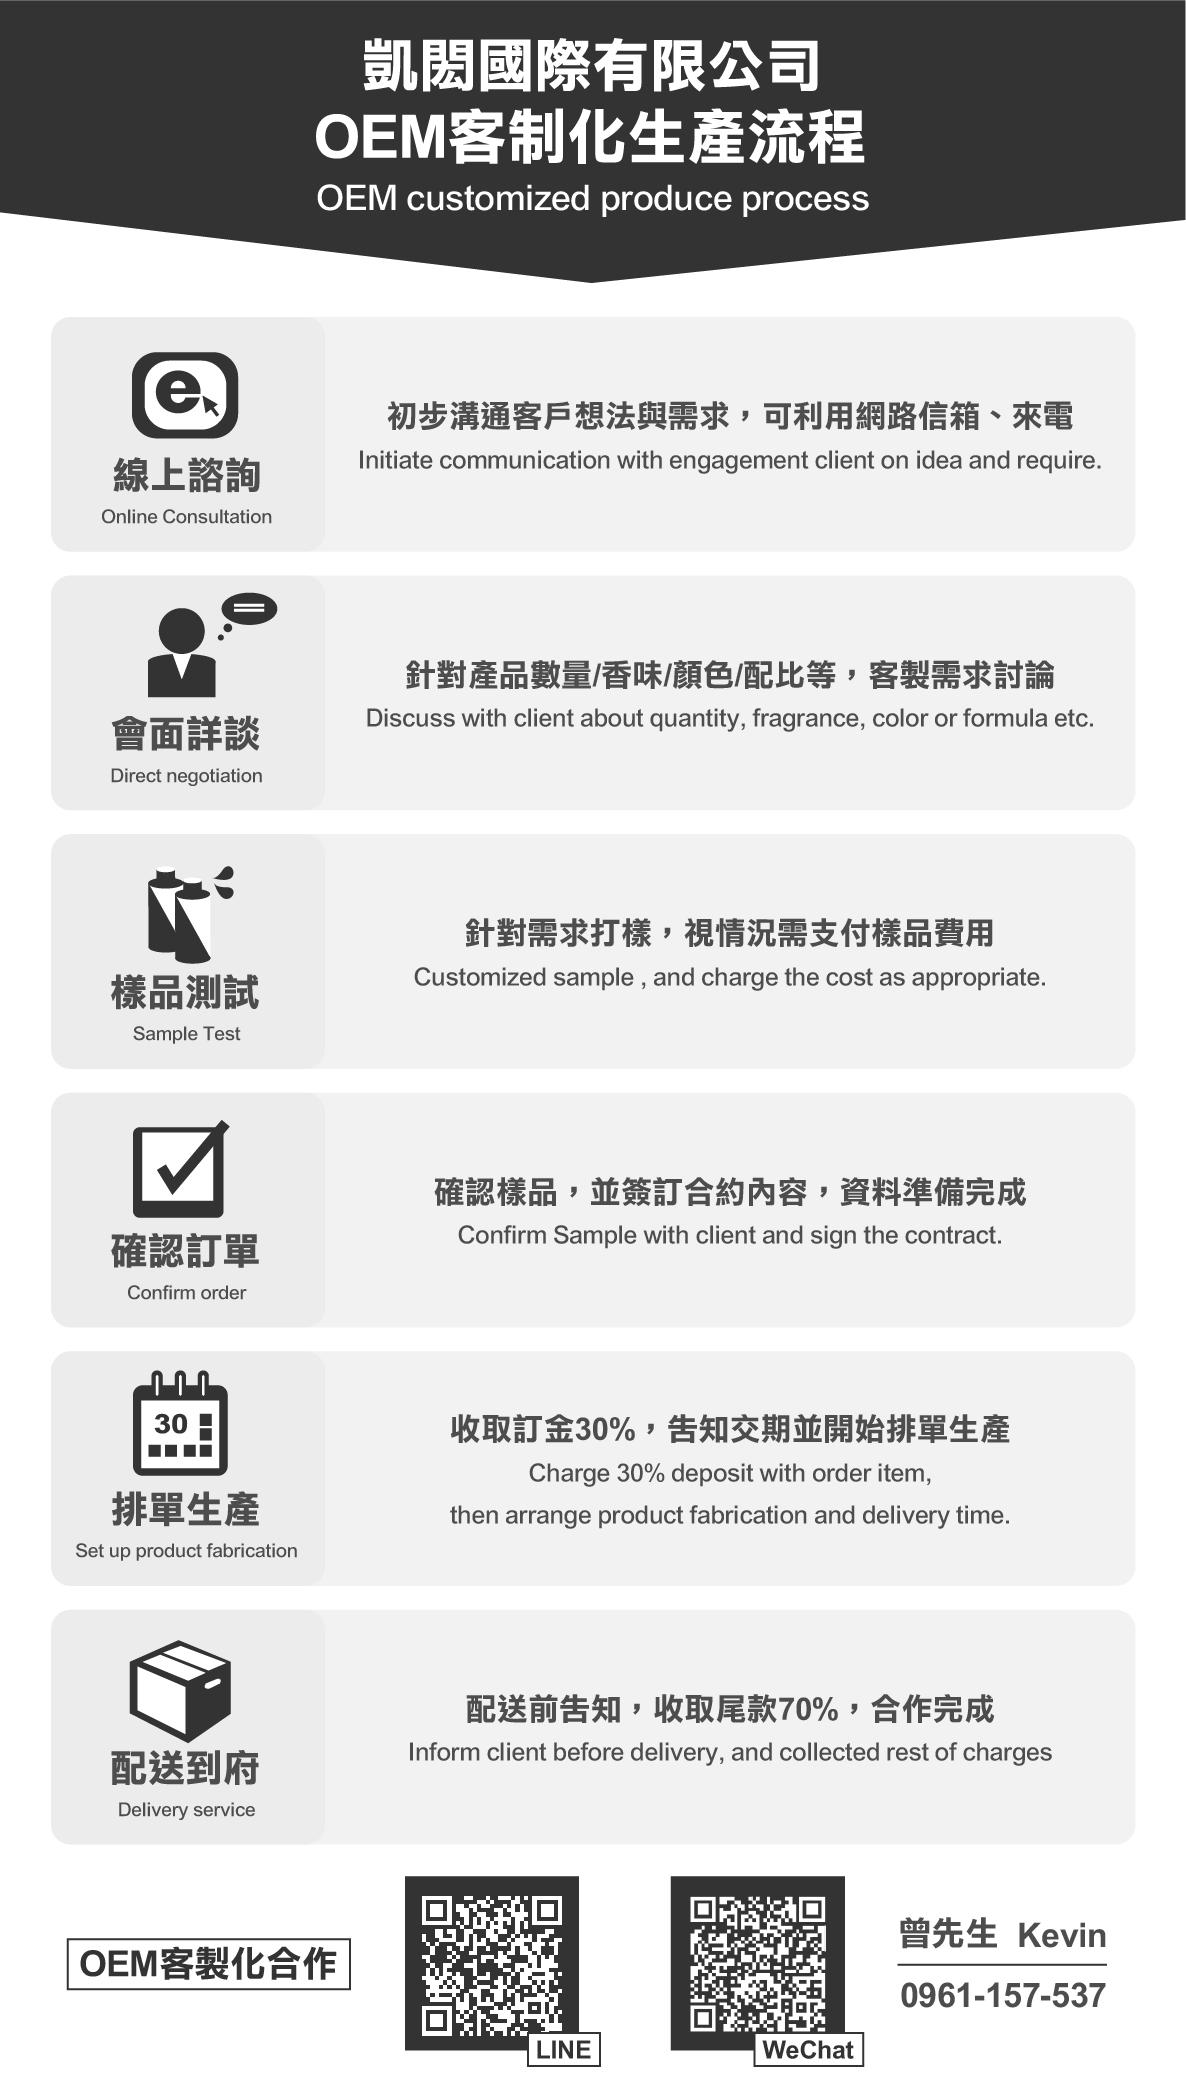 OEM客製化生產流程-01.jpg